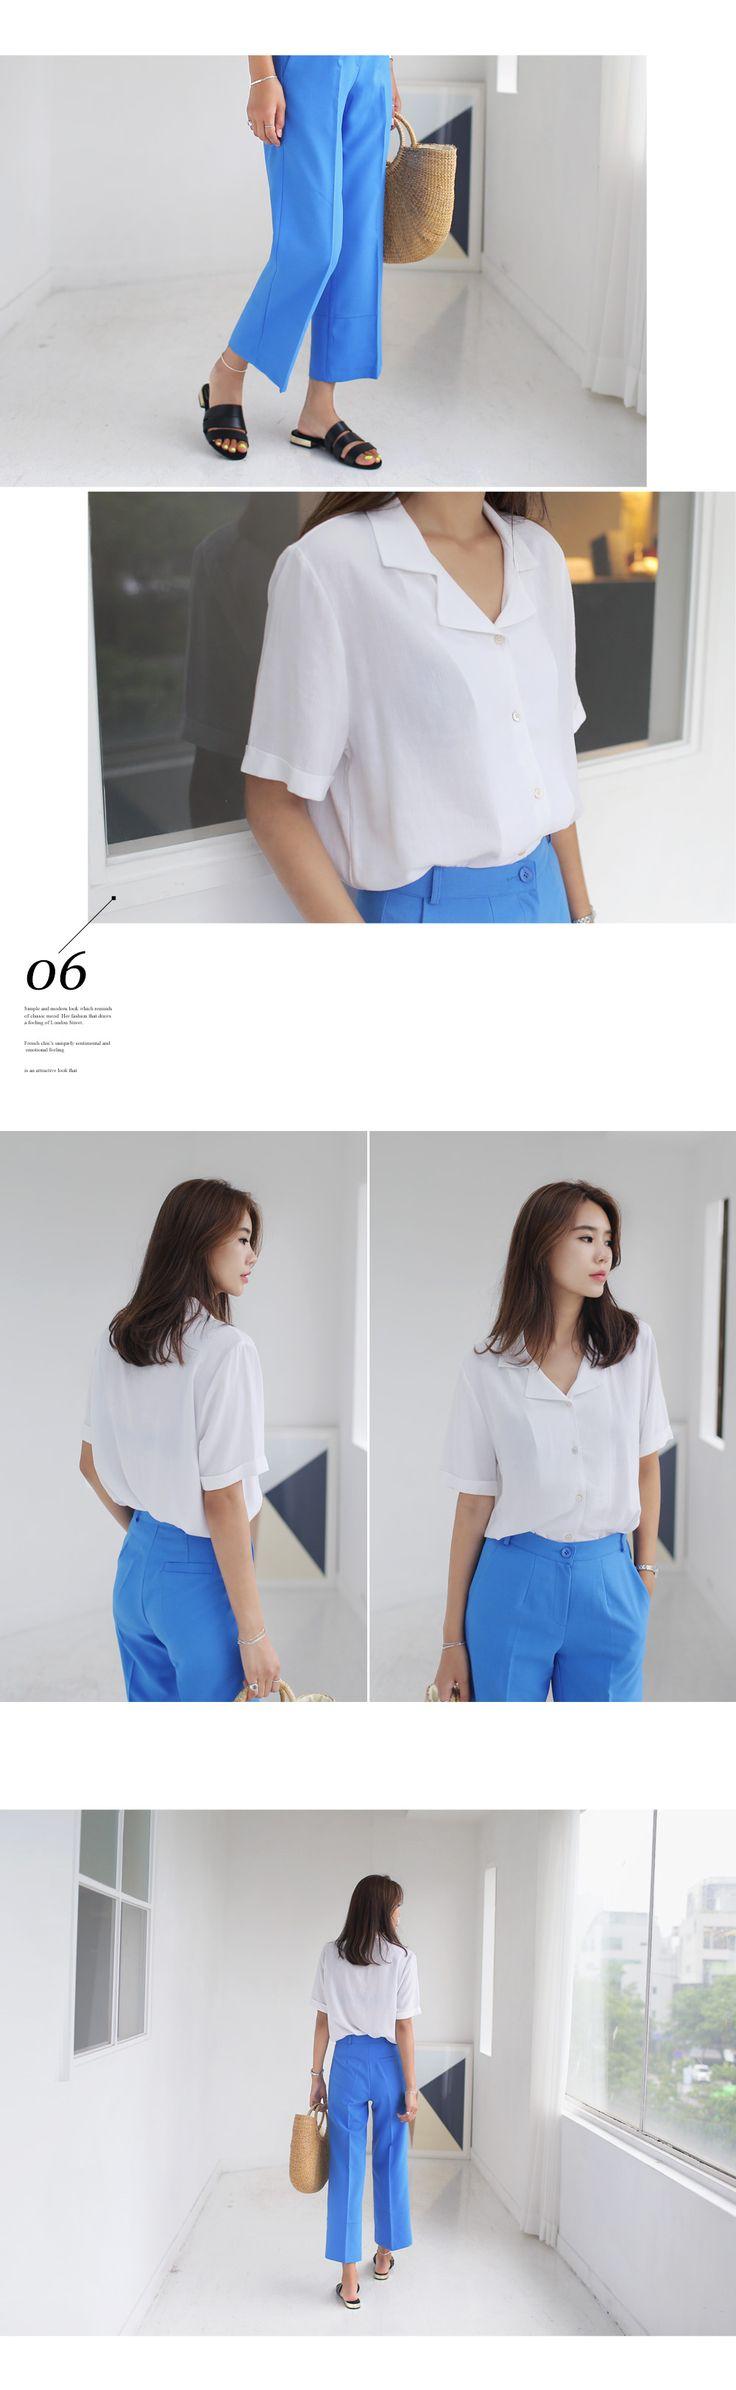 2TYPEロールアップスリーブオープンカラーシャツ・全4色シャツ・ブラウスシャツ|レディースファッション通販 DHOLICディーホリック [ファストファッション 水着 ワンピース]